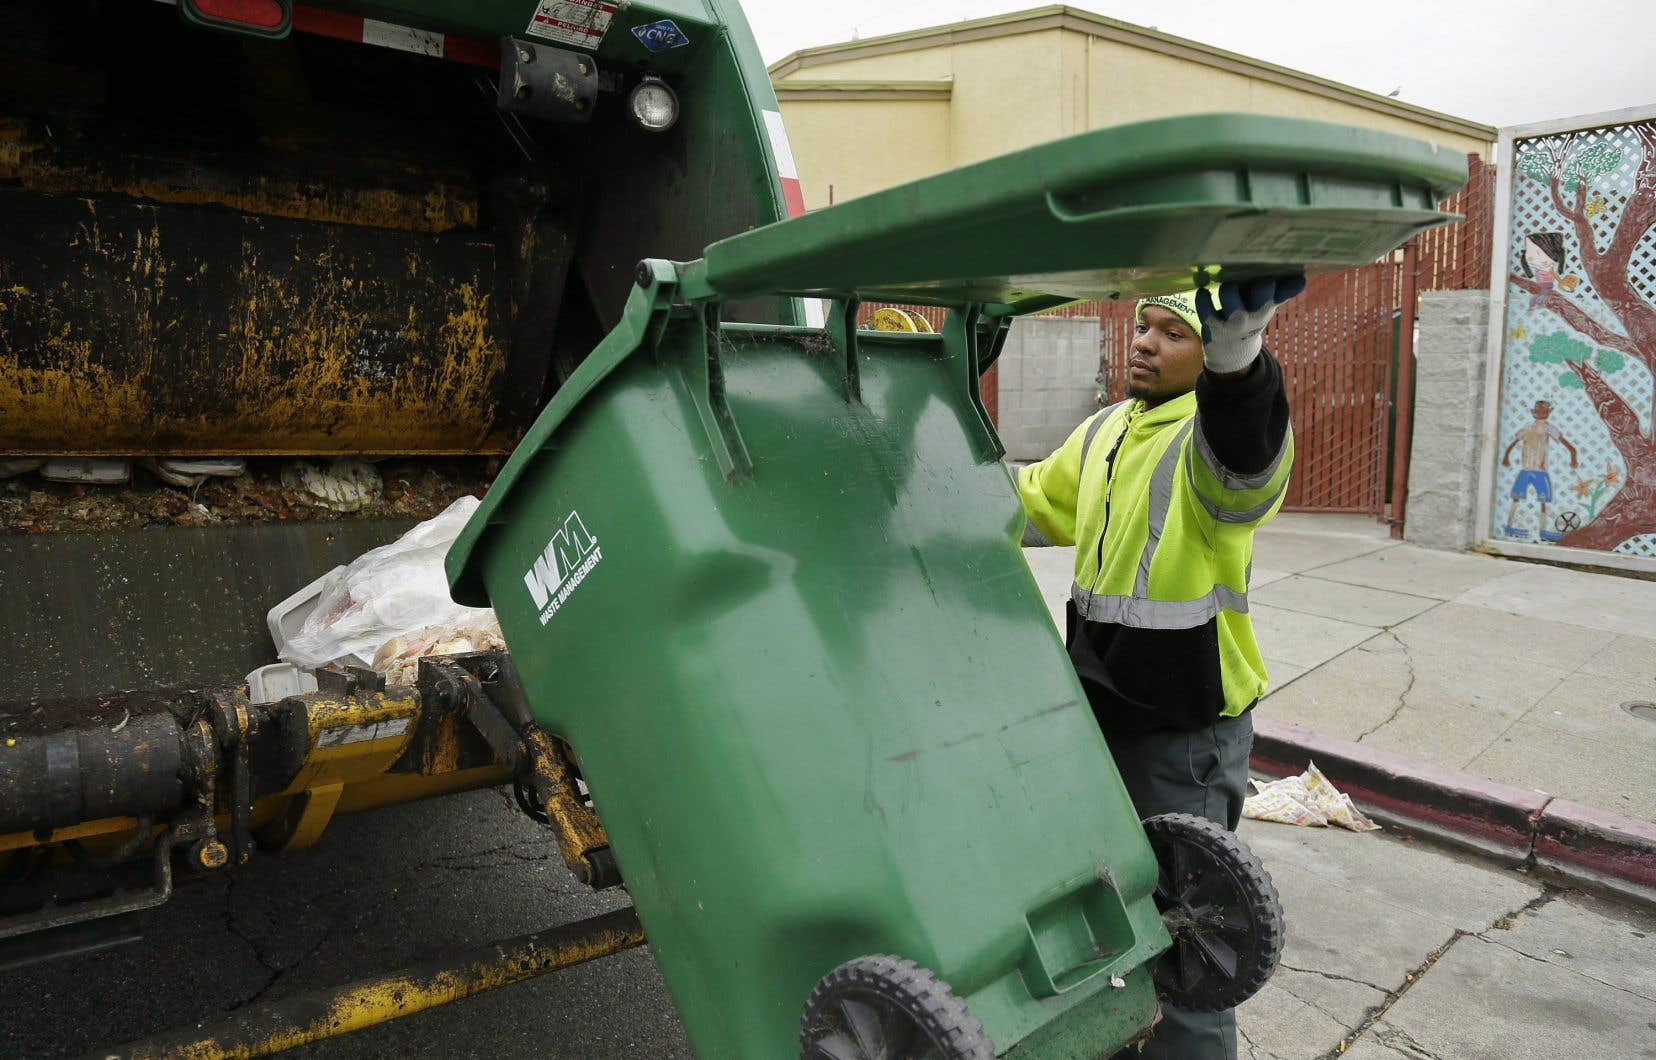 L'entreprise américaine Waste Management se présente comme la plus grande entreprise américaine de collecte, de traitement et de recyclage de déchets en Amérique du Nord. Elle possède plusieurs sites d'enfouissement, dont deux situés au Québec.